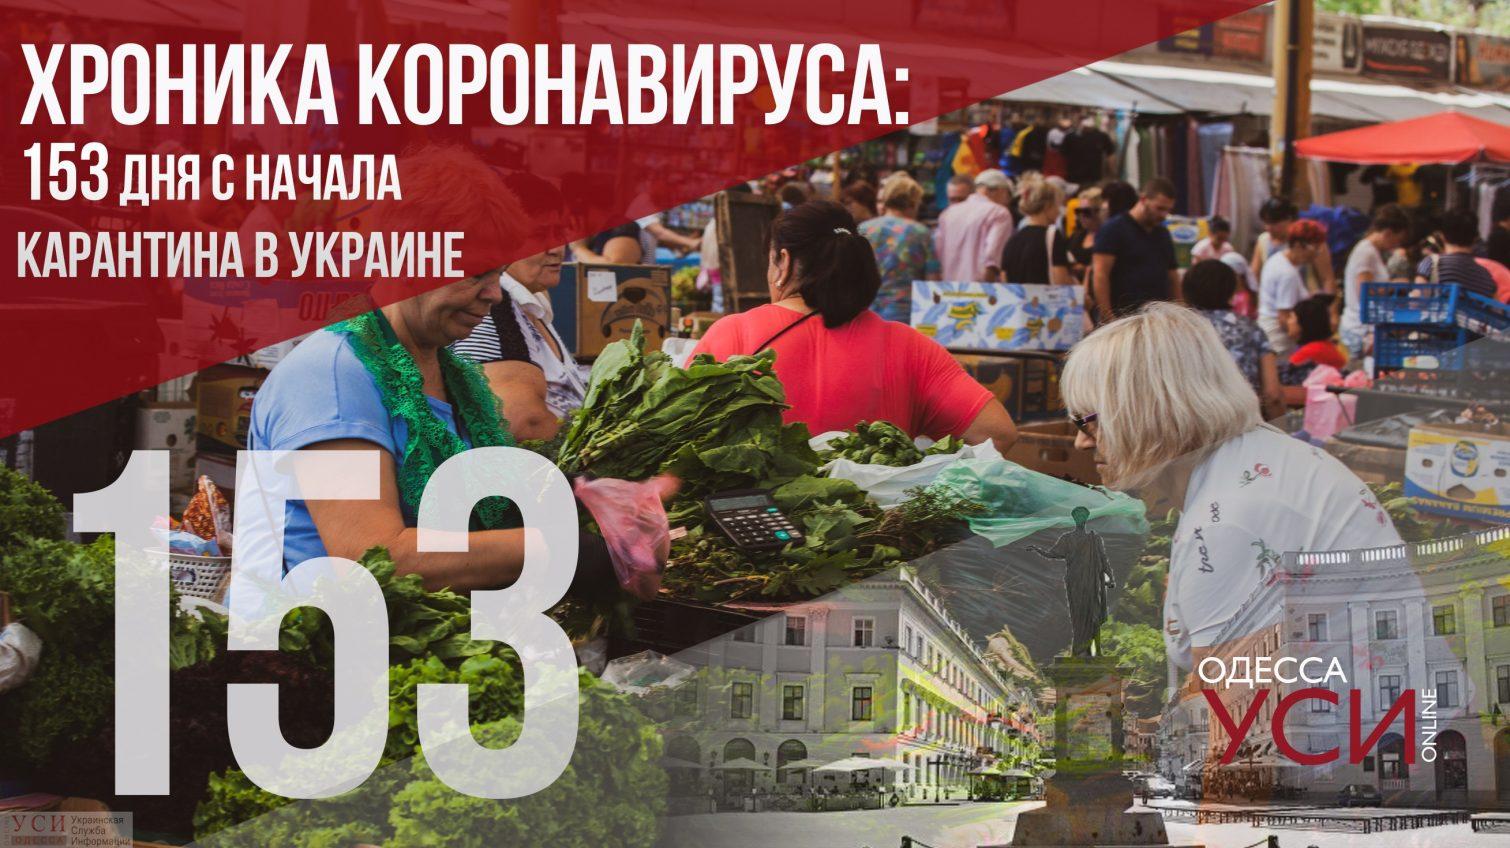 Хроника коронавируса: 153 дня с начала карантина: новых случаев в Одесской области стало меньше «фото»